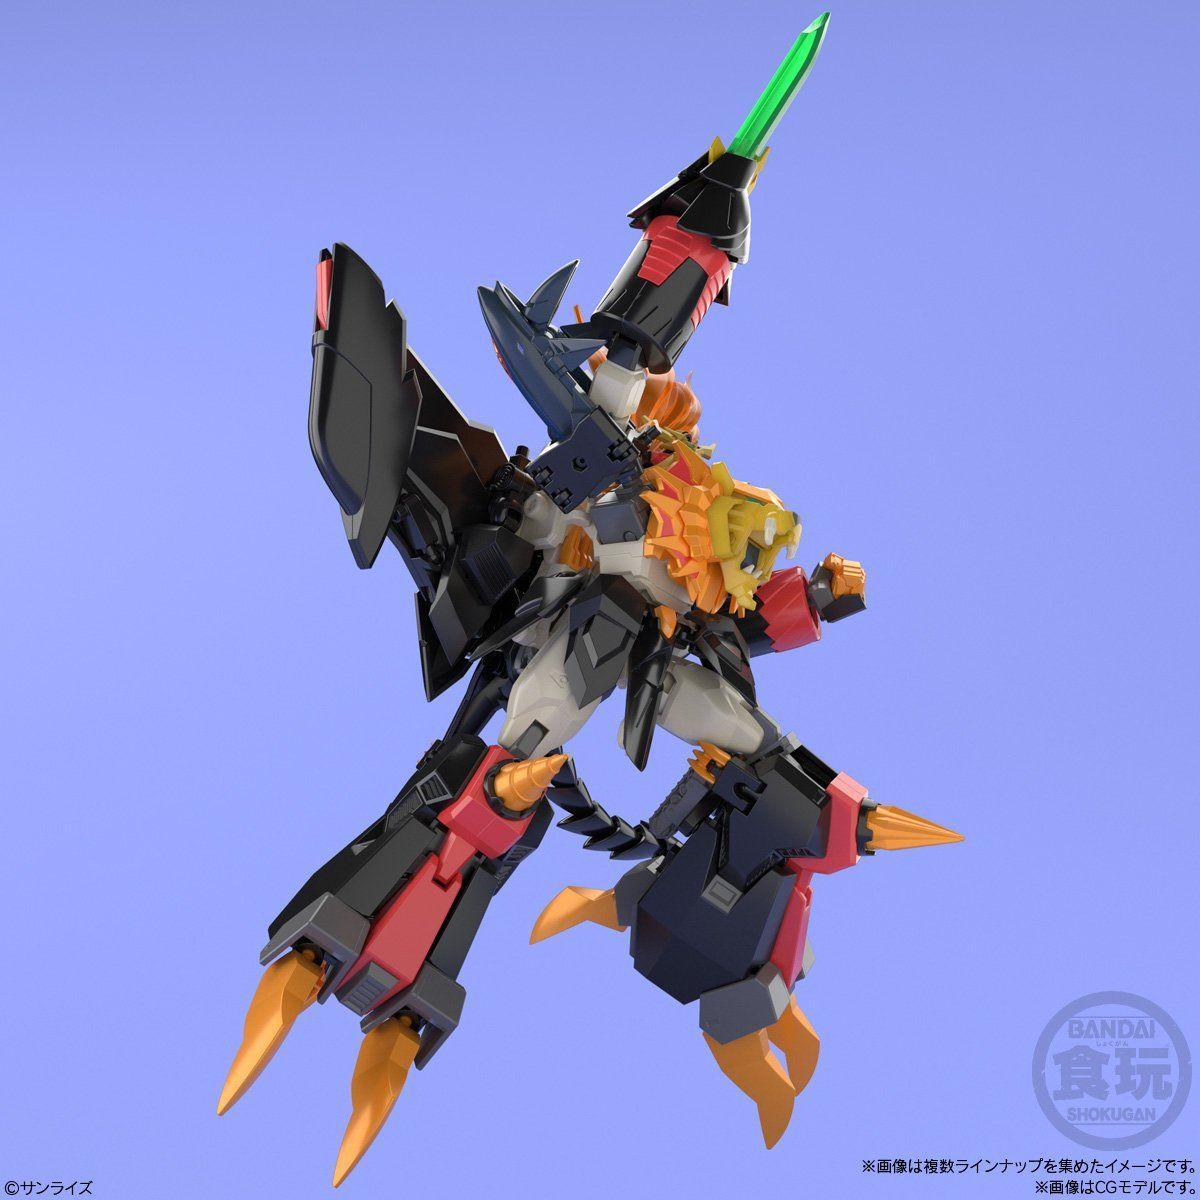 【食玩】スーパーミニプラ『勇者王ガオガイガー6』ジェネシックガオガイガー プラモデル 4個入りBOX-009